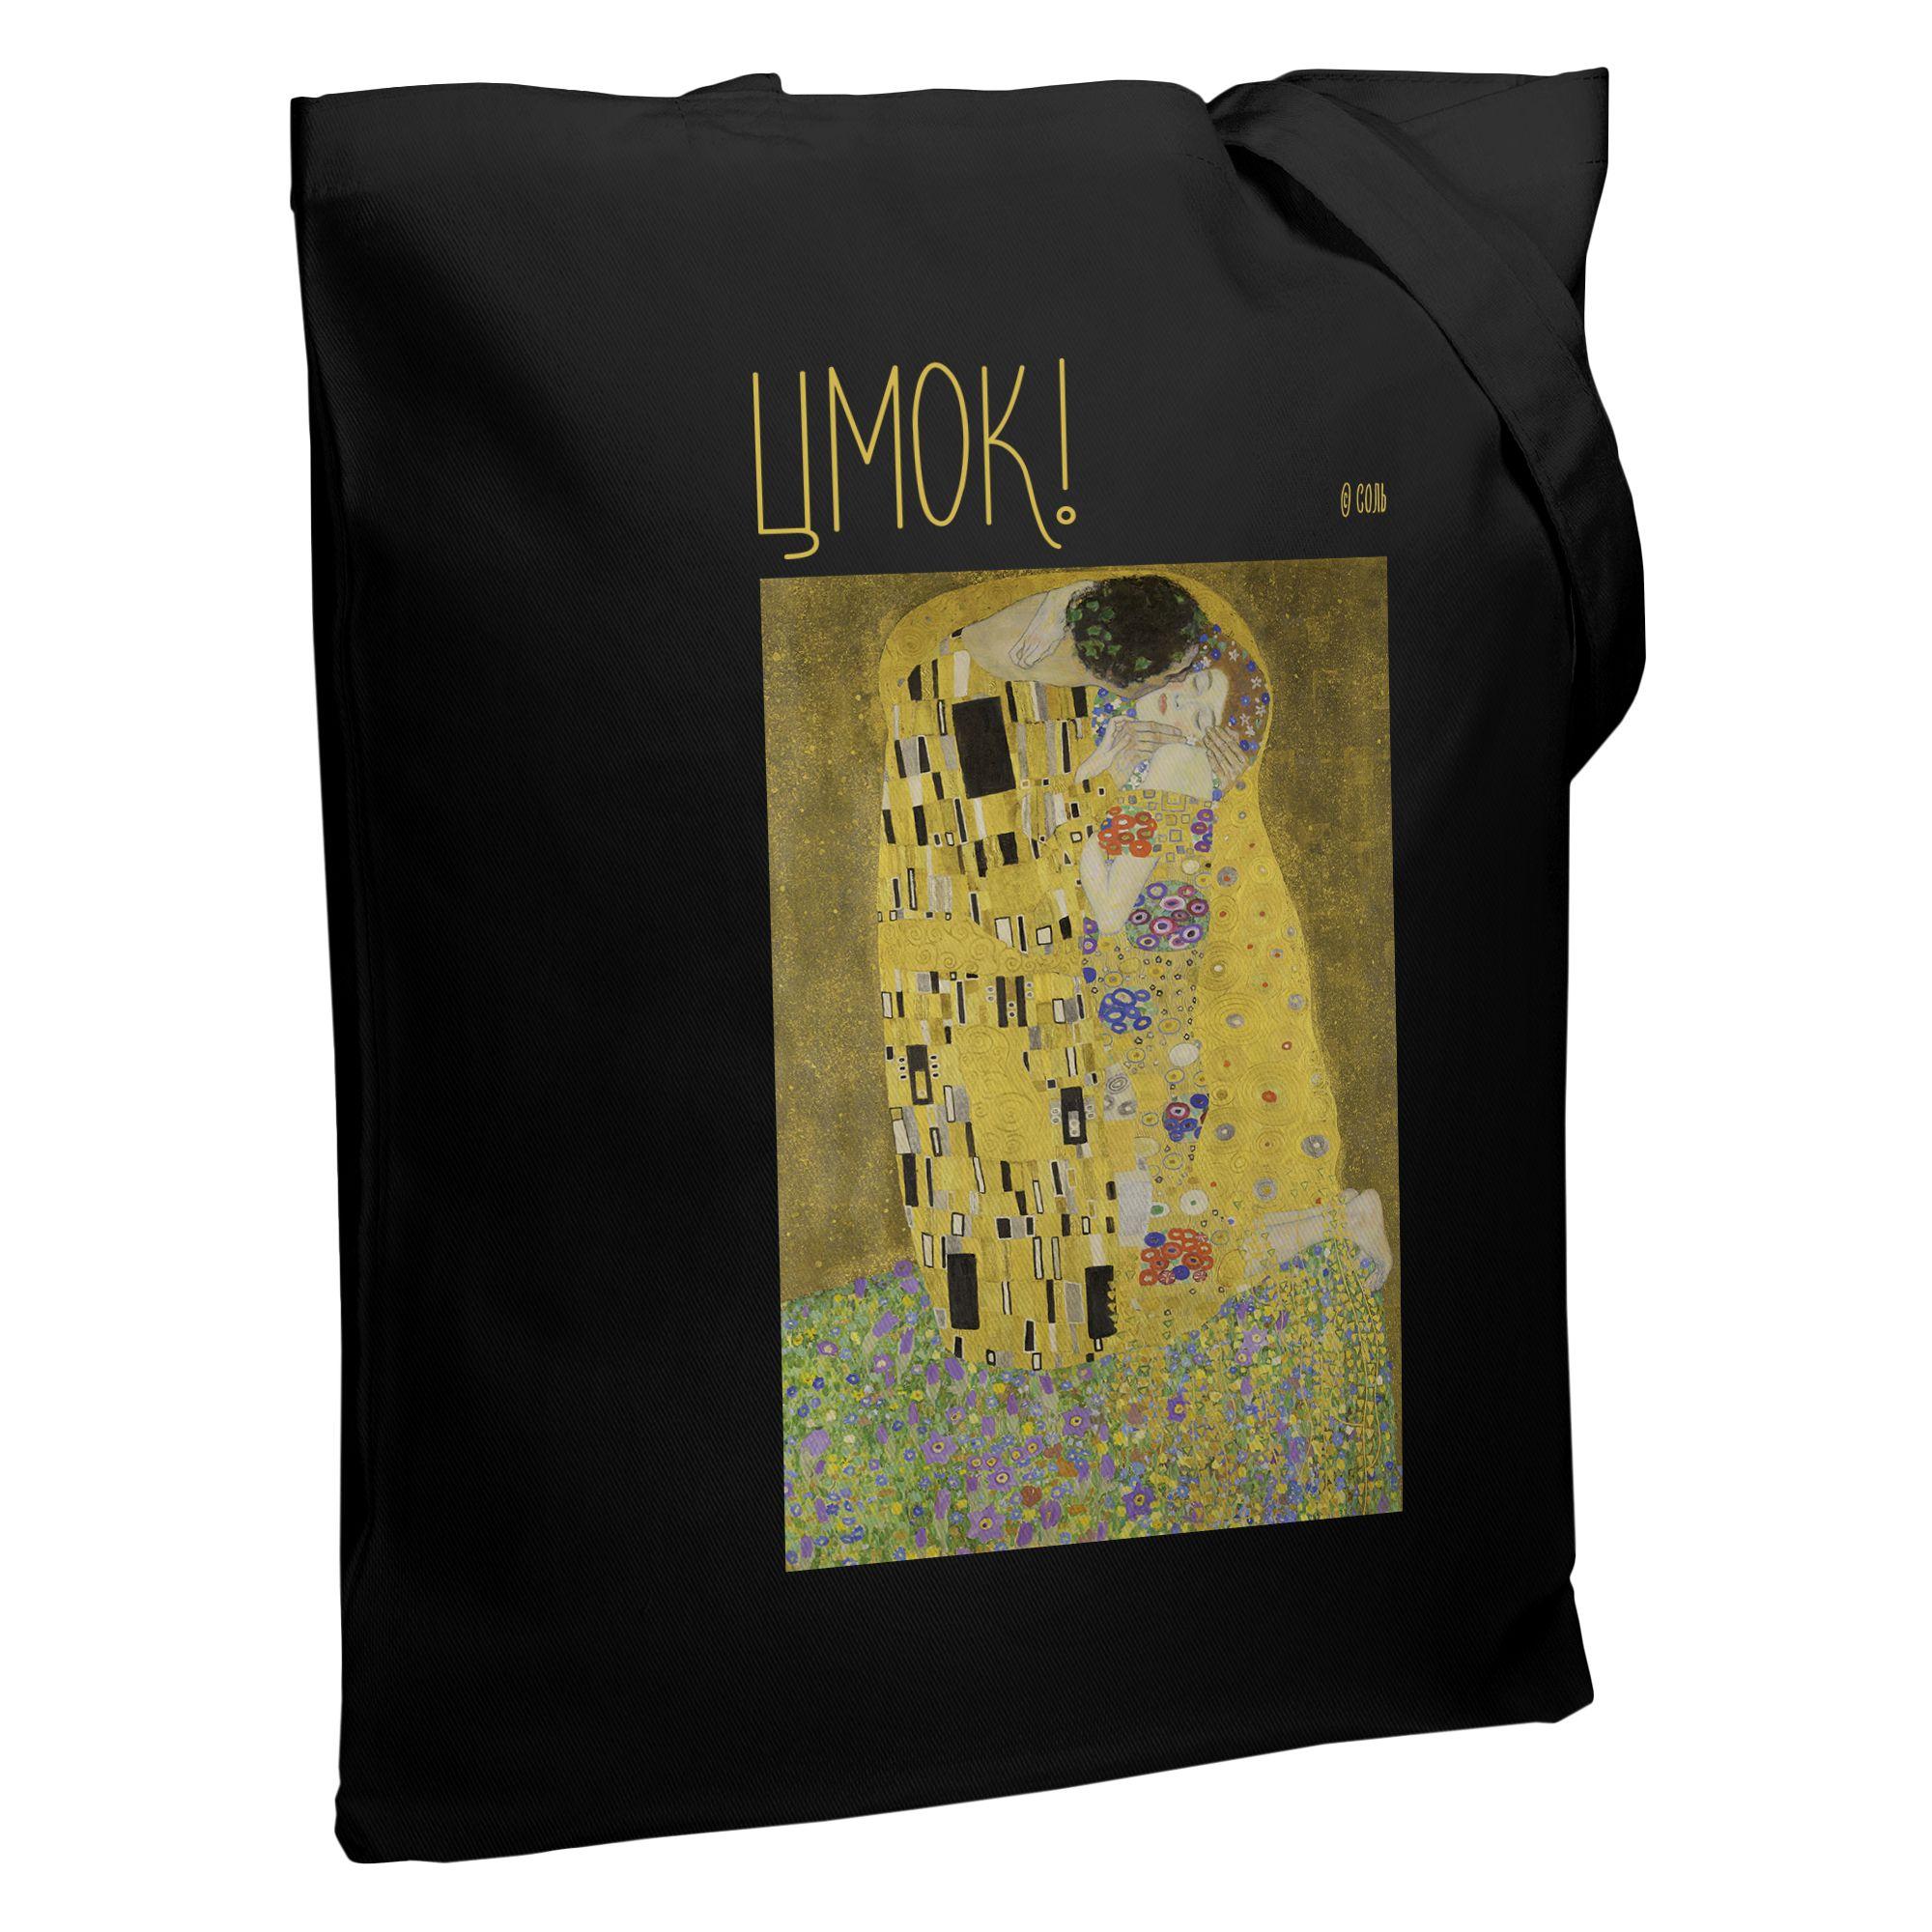 Холщовая сумка «Цмок», черная